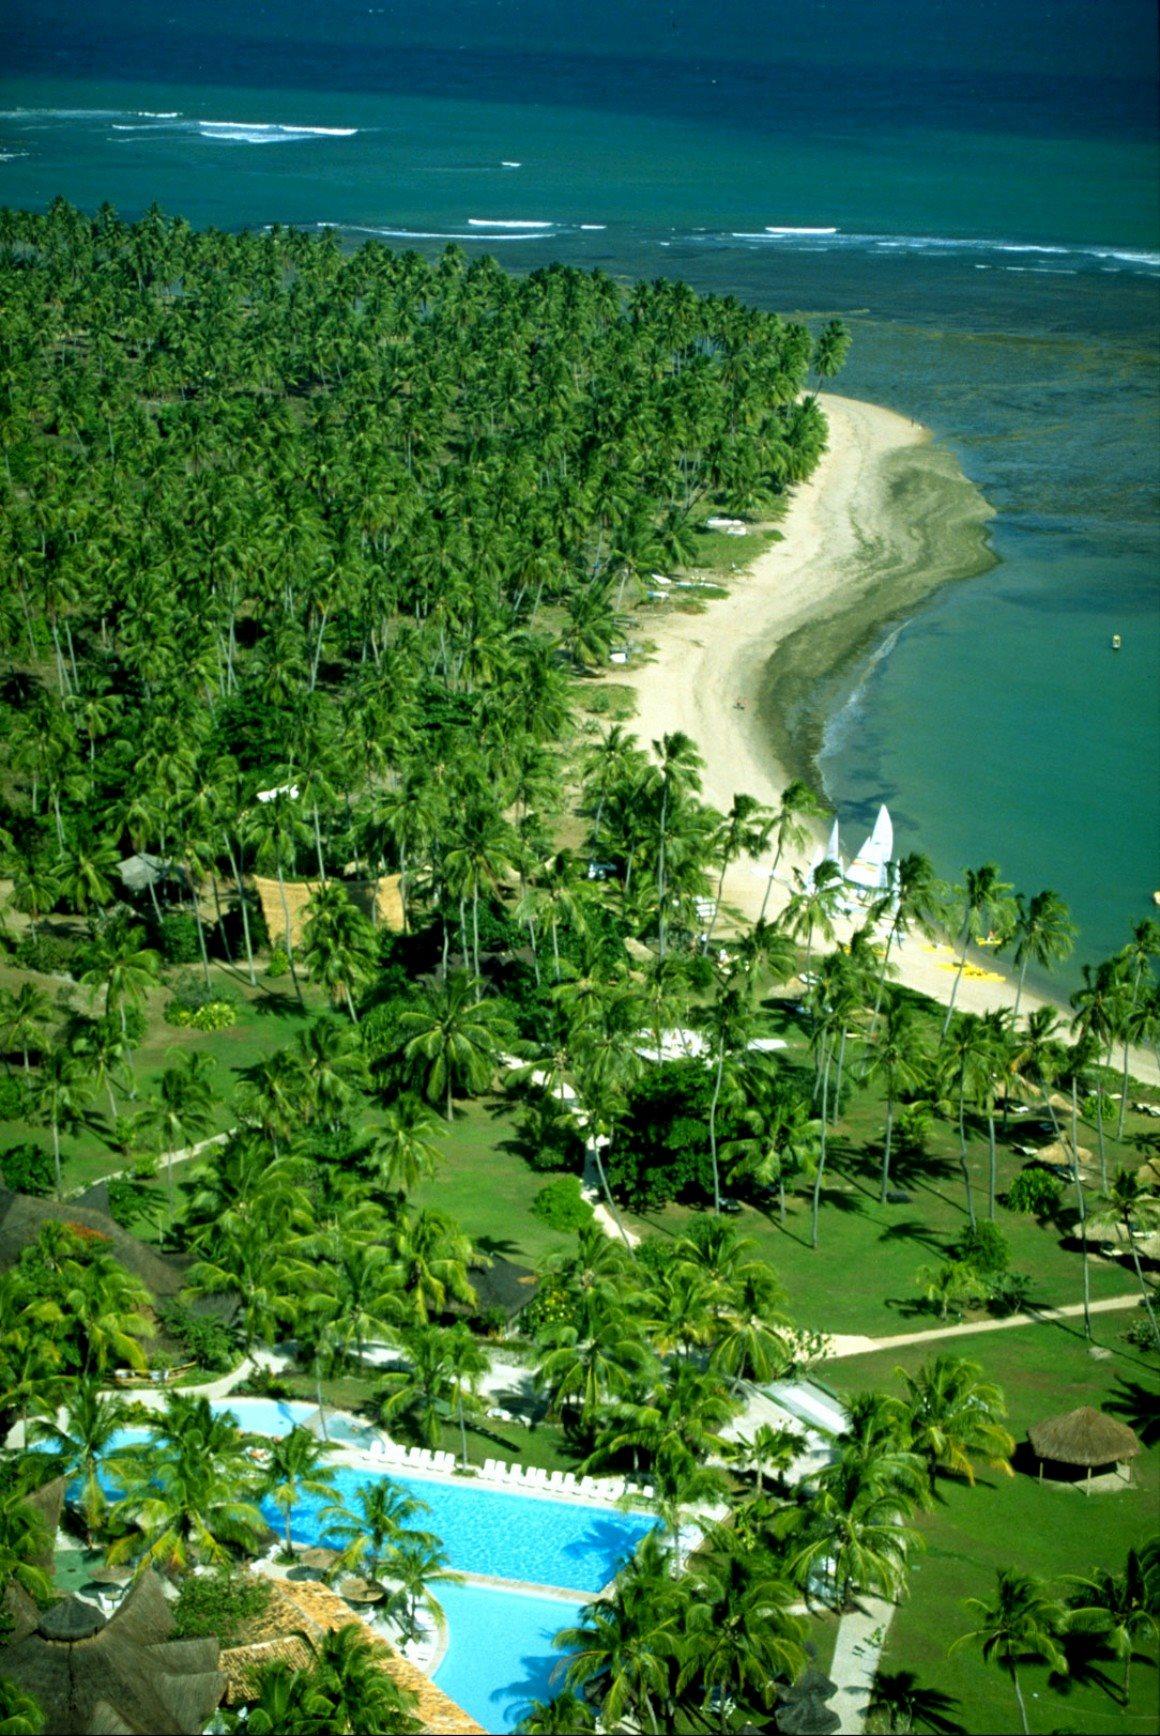 Melhor hotel familiar:Tivoli Ecoresort Praia do Forte (Salvador da Baía, Brasil)